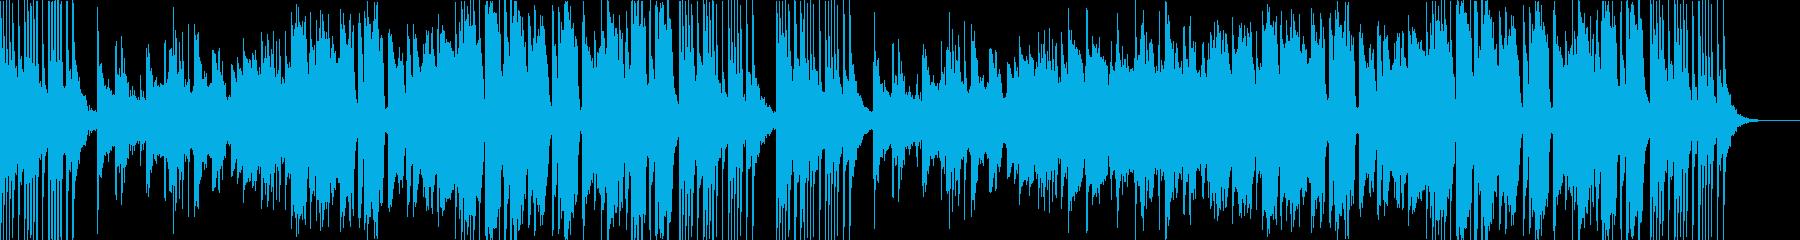 中国風BGM。二胡、木琴、ディーズなど。の再生済みの波形